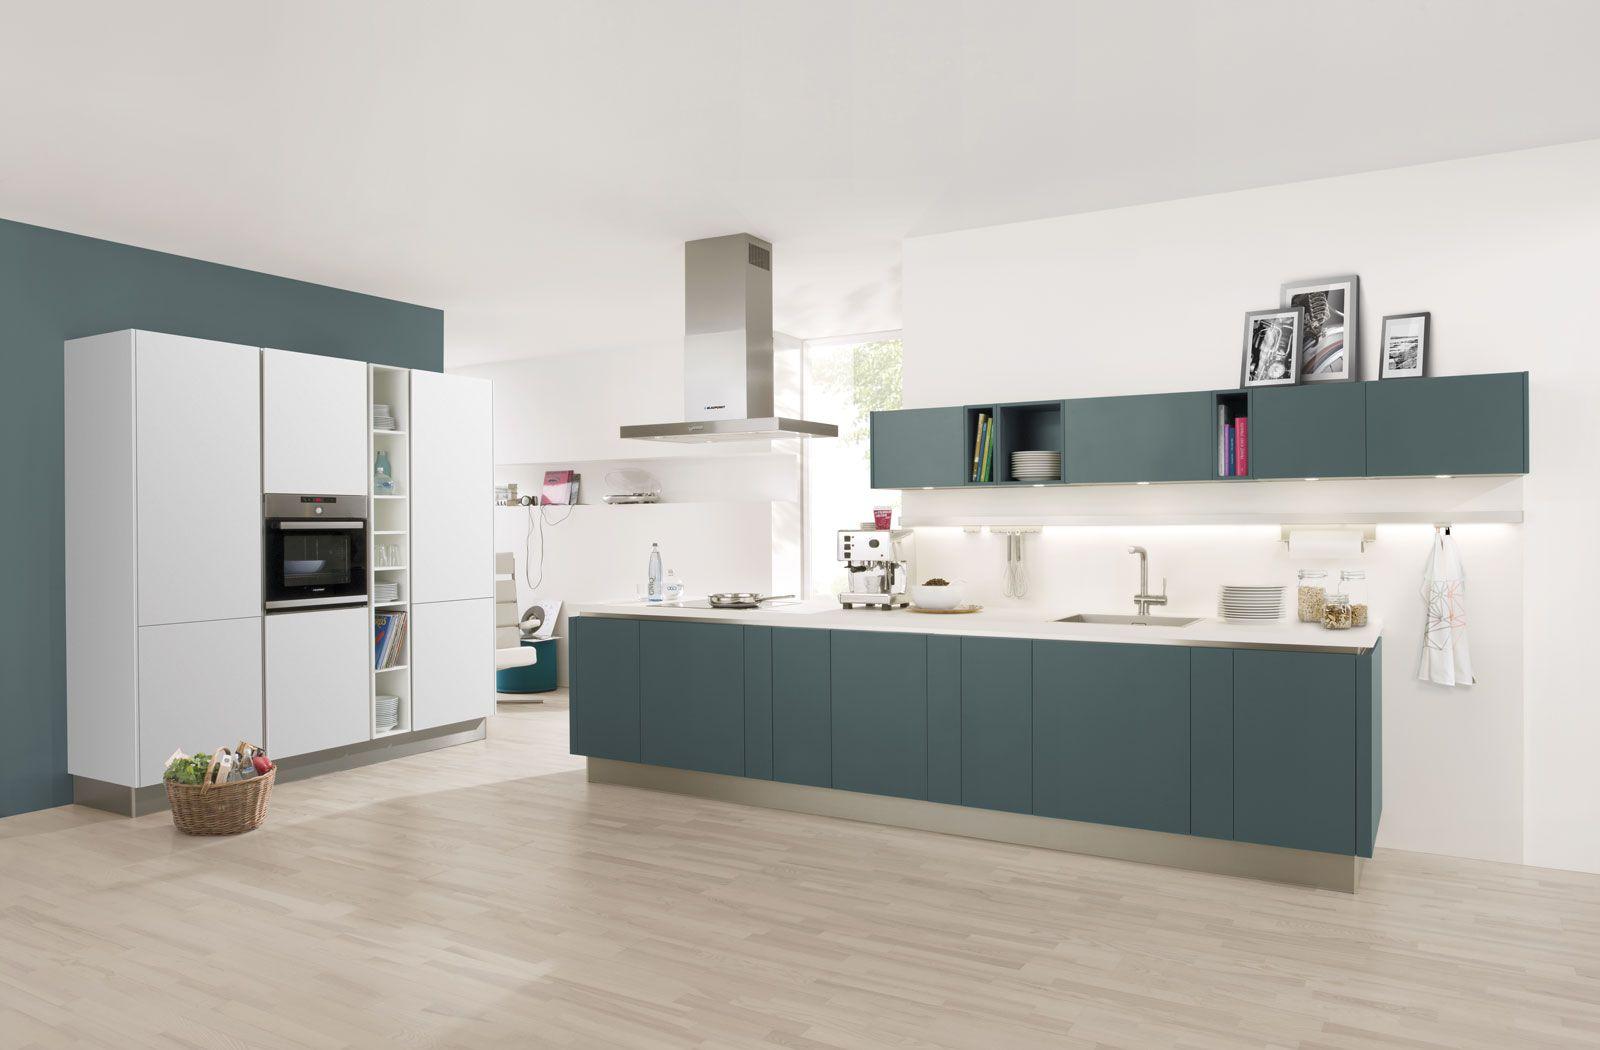 Uno GL | Laser Soft GL | Wit | Aquamarijn - Häcker Küchen - Häcker ...